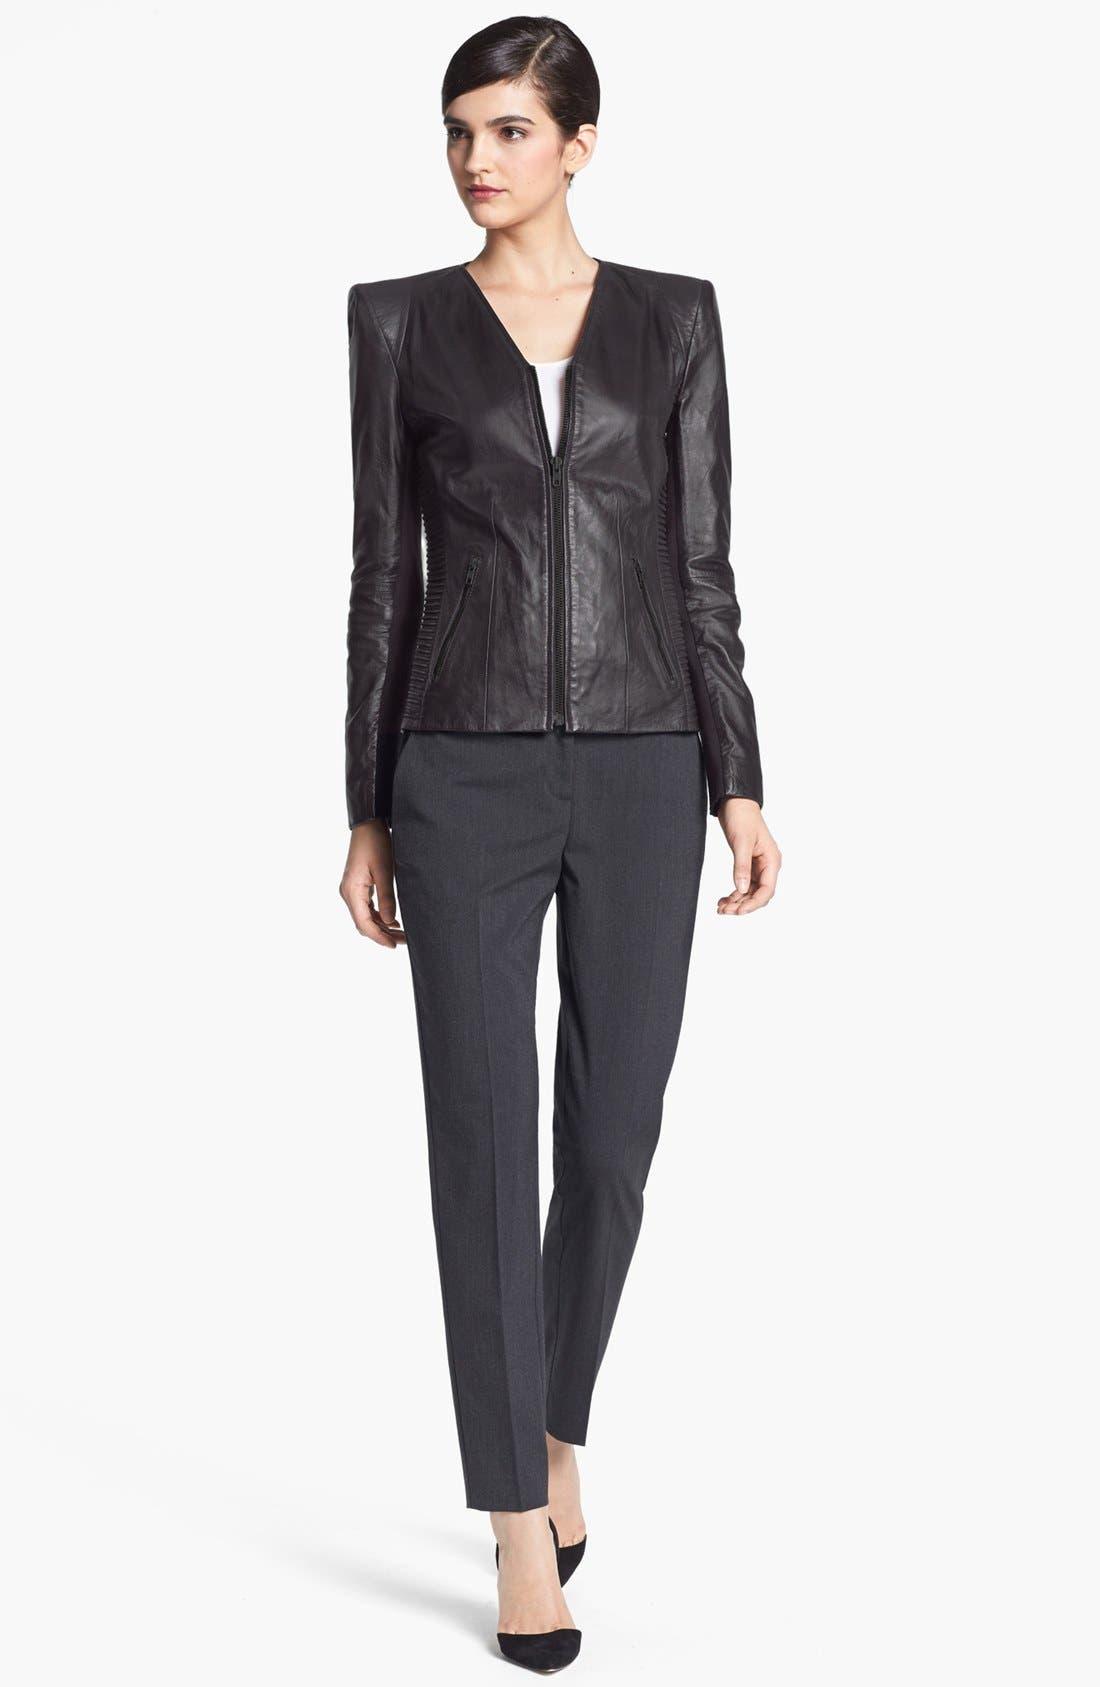 Main Image - Trouvé Power Shoulder Leather Jacket